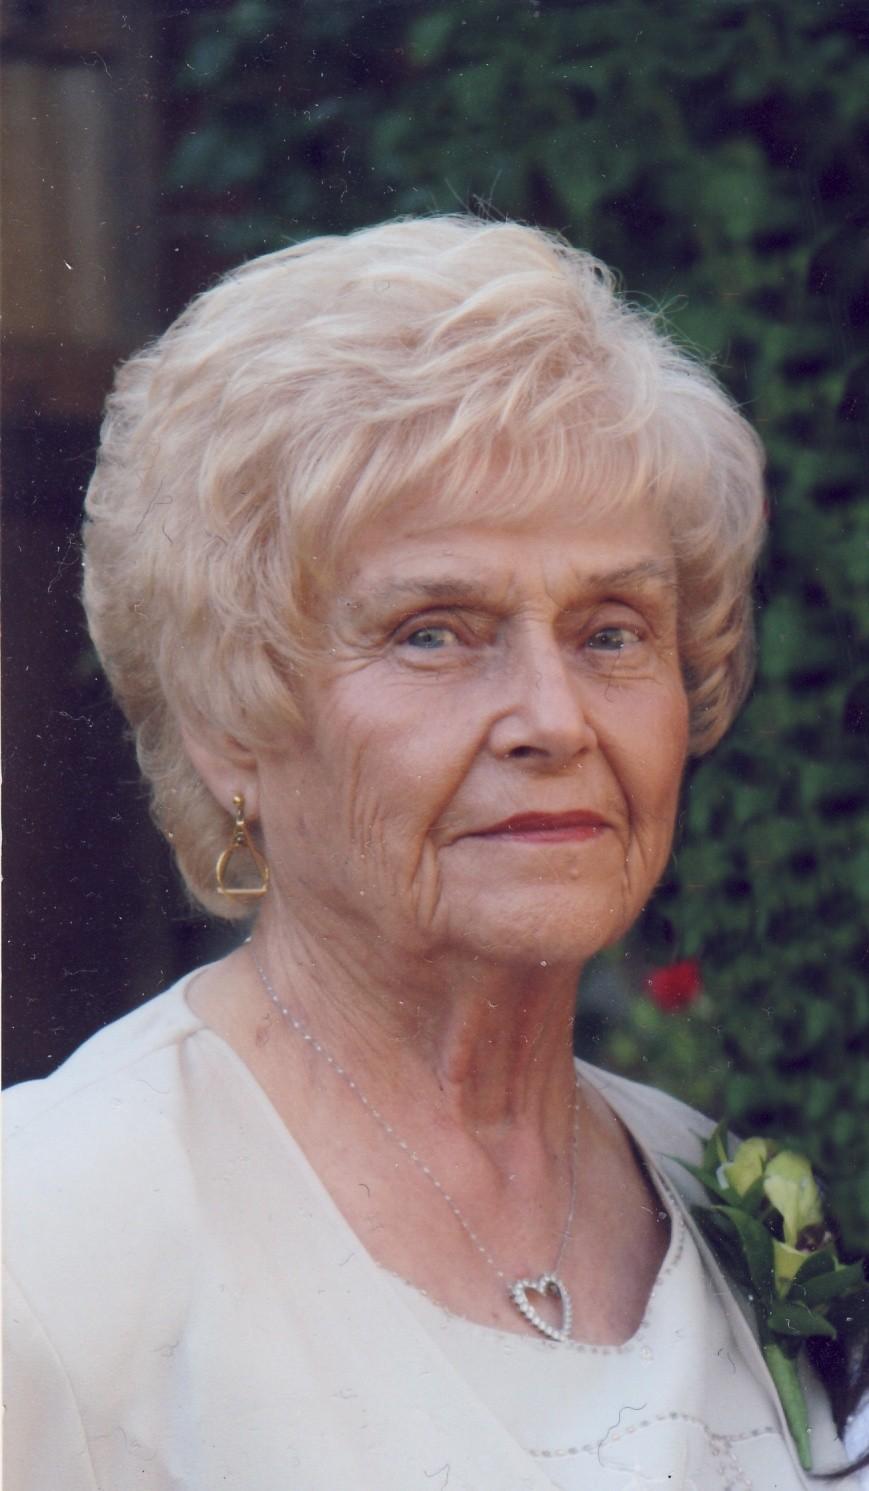 Fiona-Maria Karagiannidou